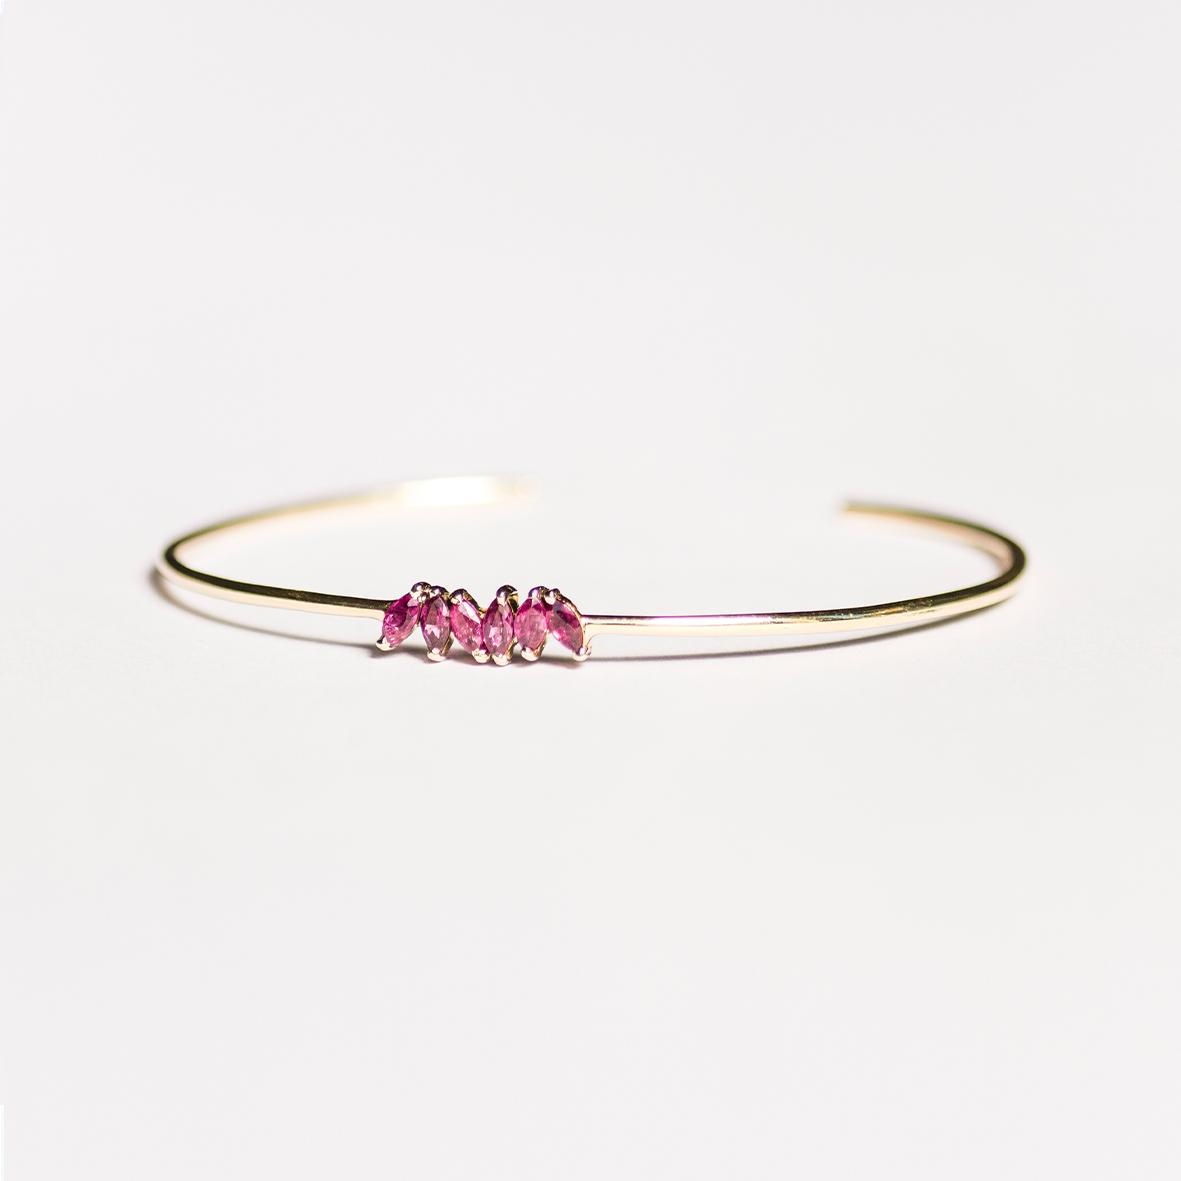 2. OONA_philo_ficha2_ruby petals sapphire bracelet